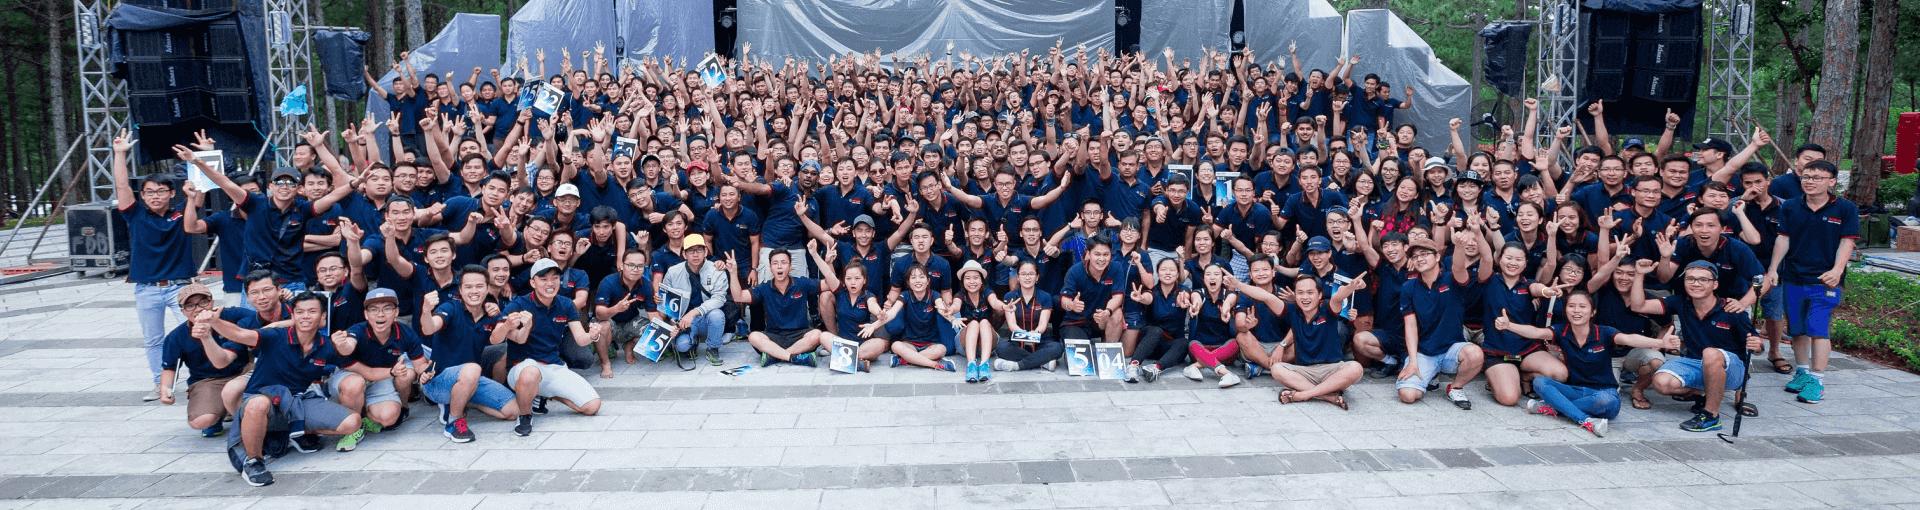 Open jobs at Robert Bosch Engineering Vietnam